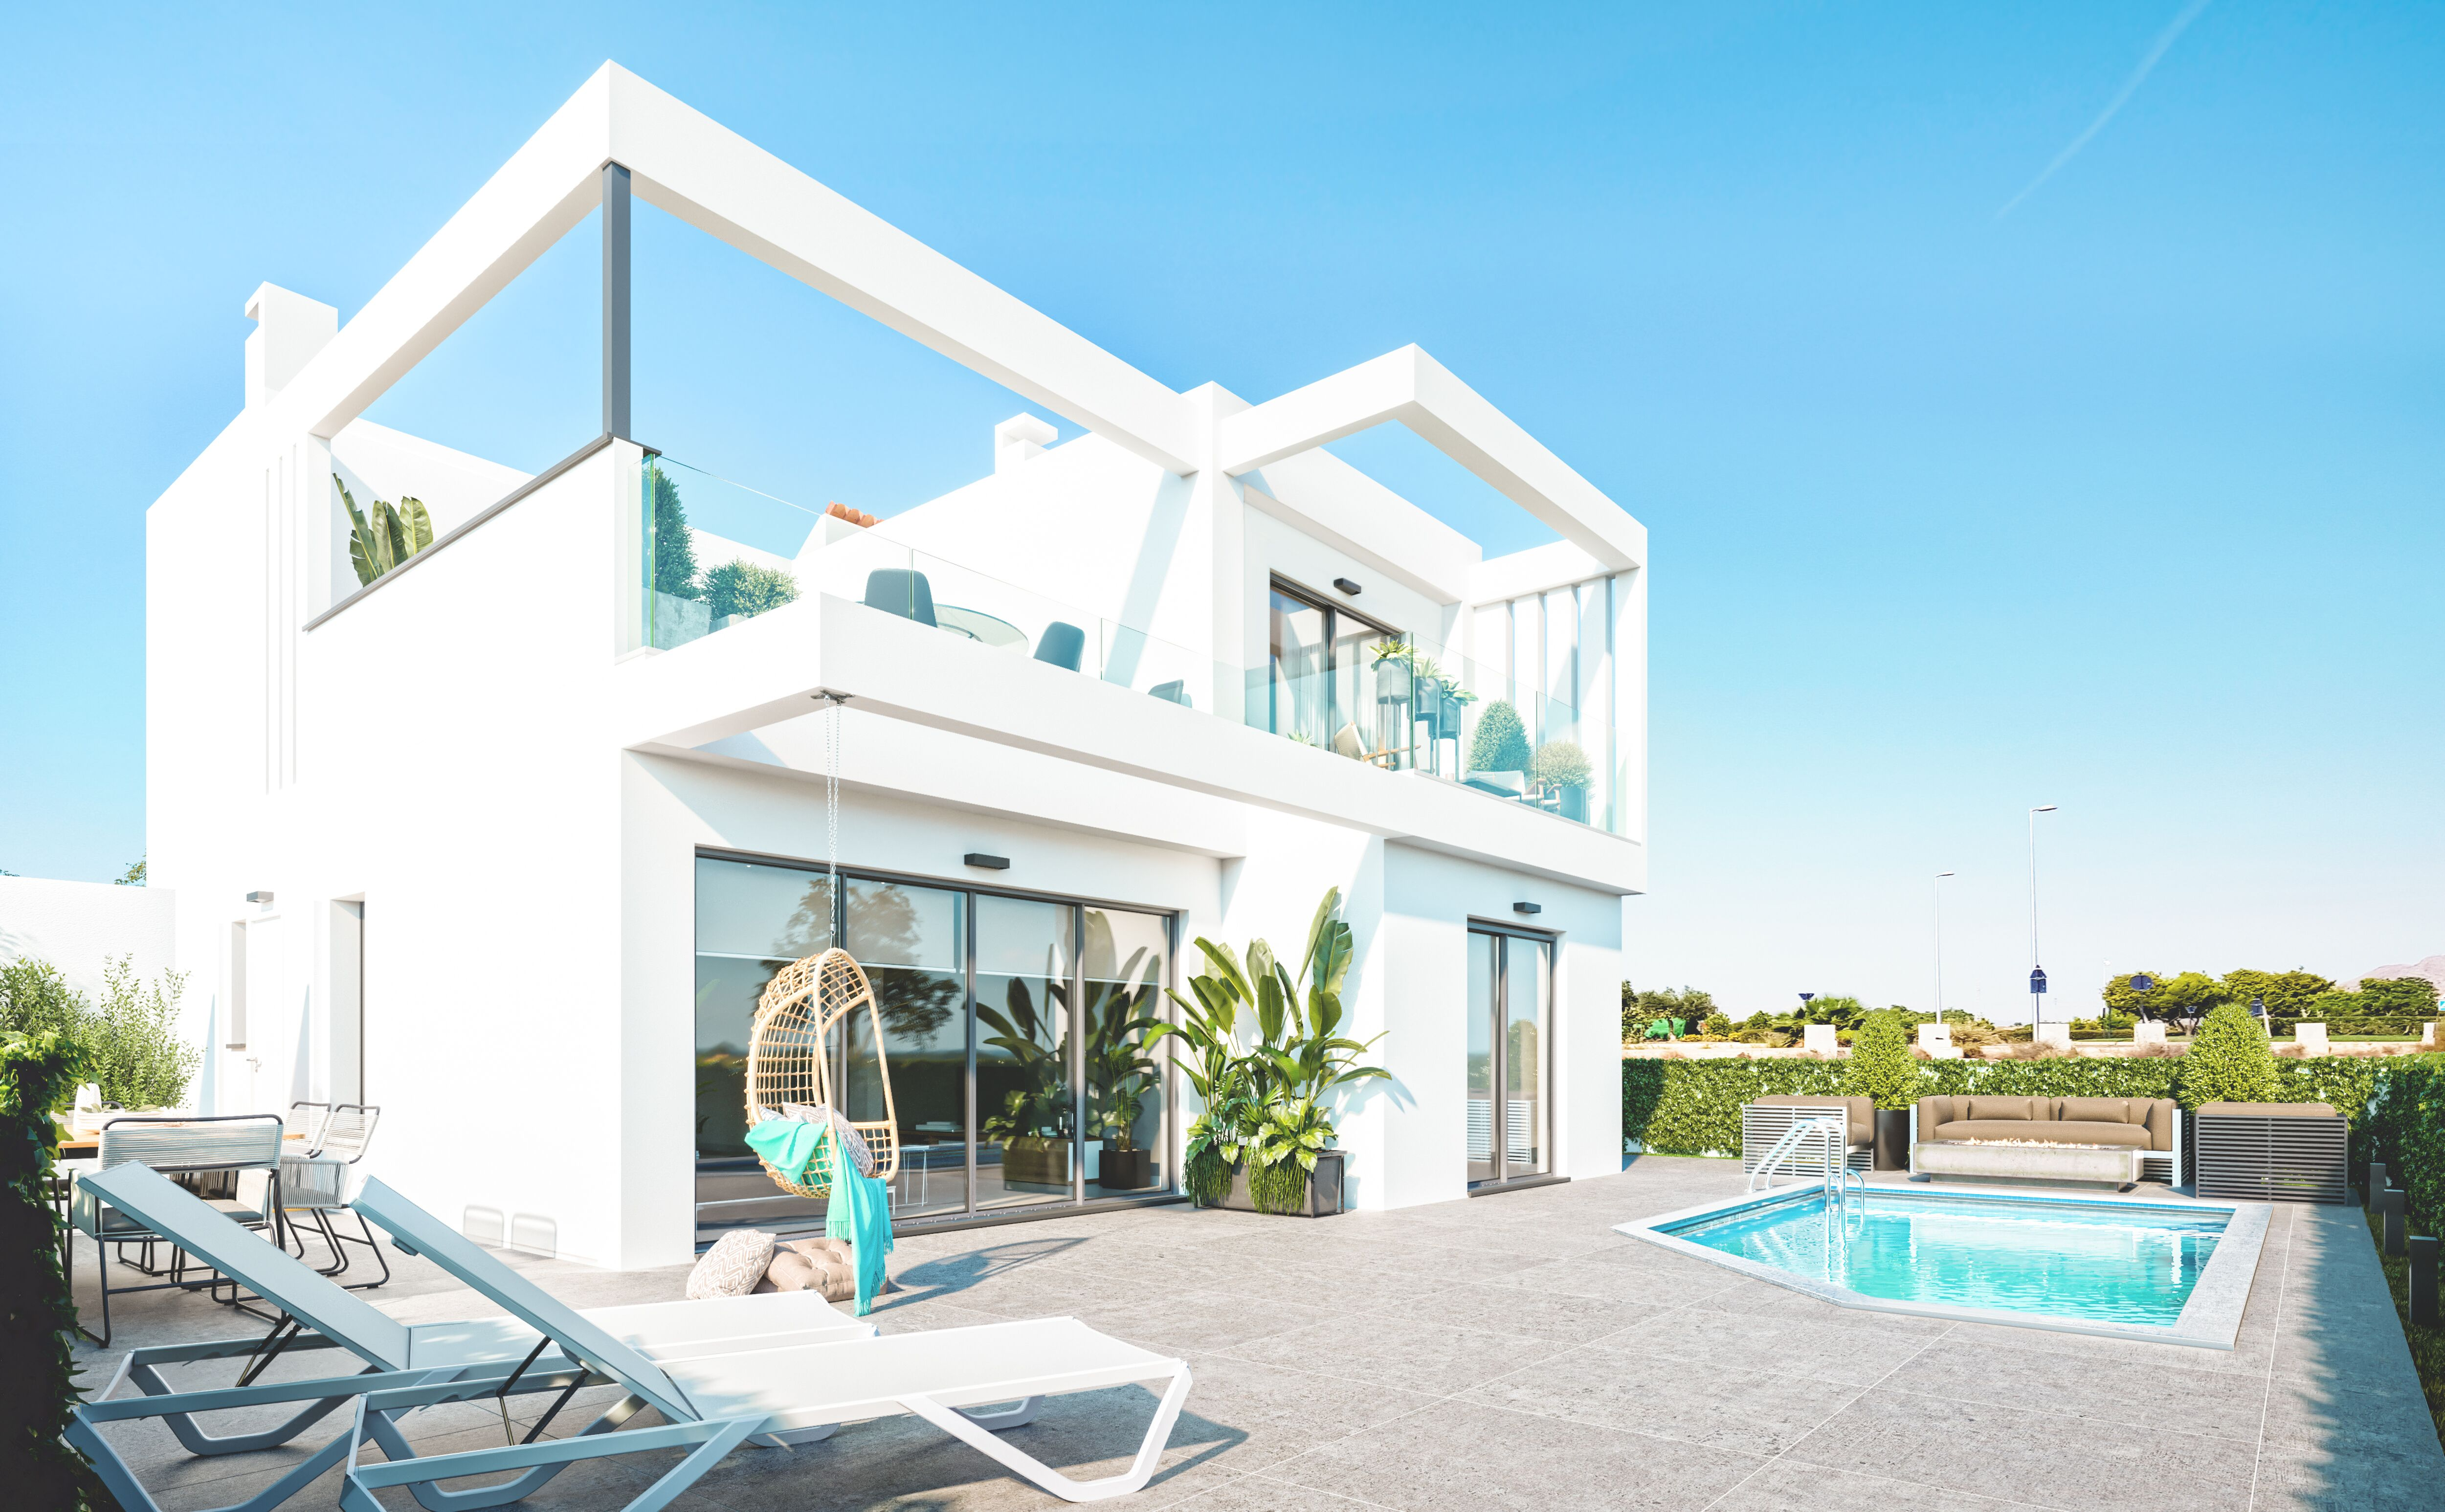 4 Bedroom Villa in Los Alcazares